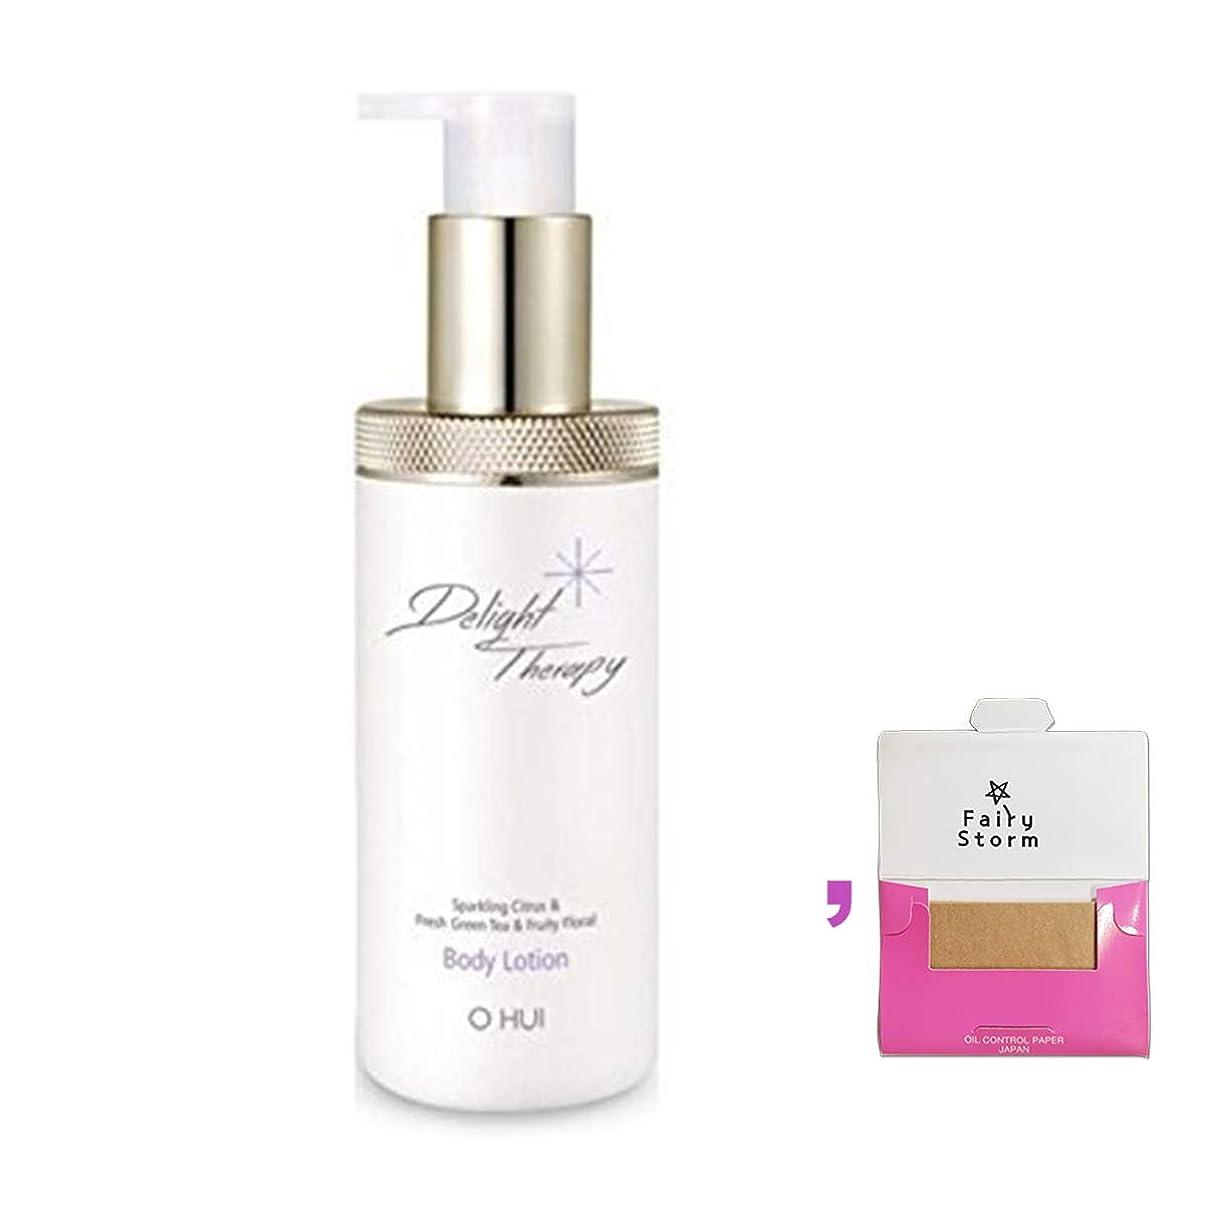 石灰岩緊急会議[オフィ/ O HUI]韓国化粧品 LG生活健康/Ohui Delight Therapy Body Lotion 300ml - 海藻成分が含有されてしっとりとしたボディを完成してくれるリラックスボディローション+[Sample Gift](海外直送品)